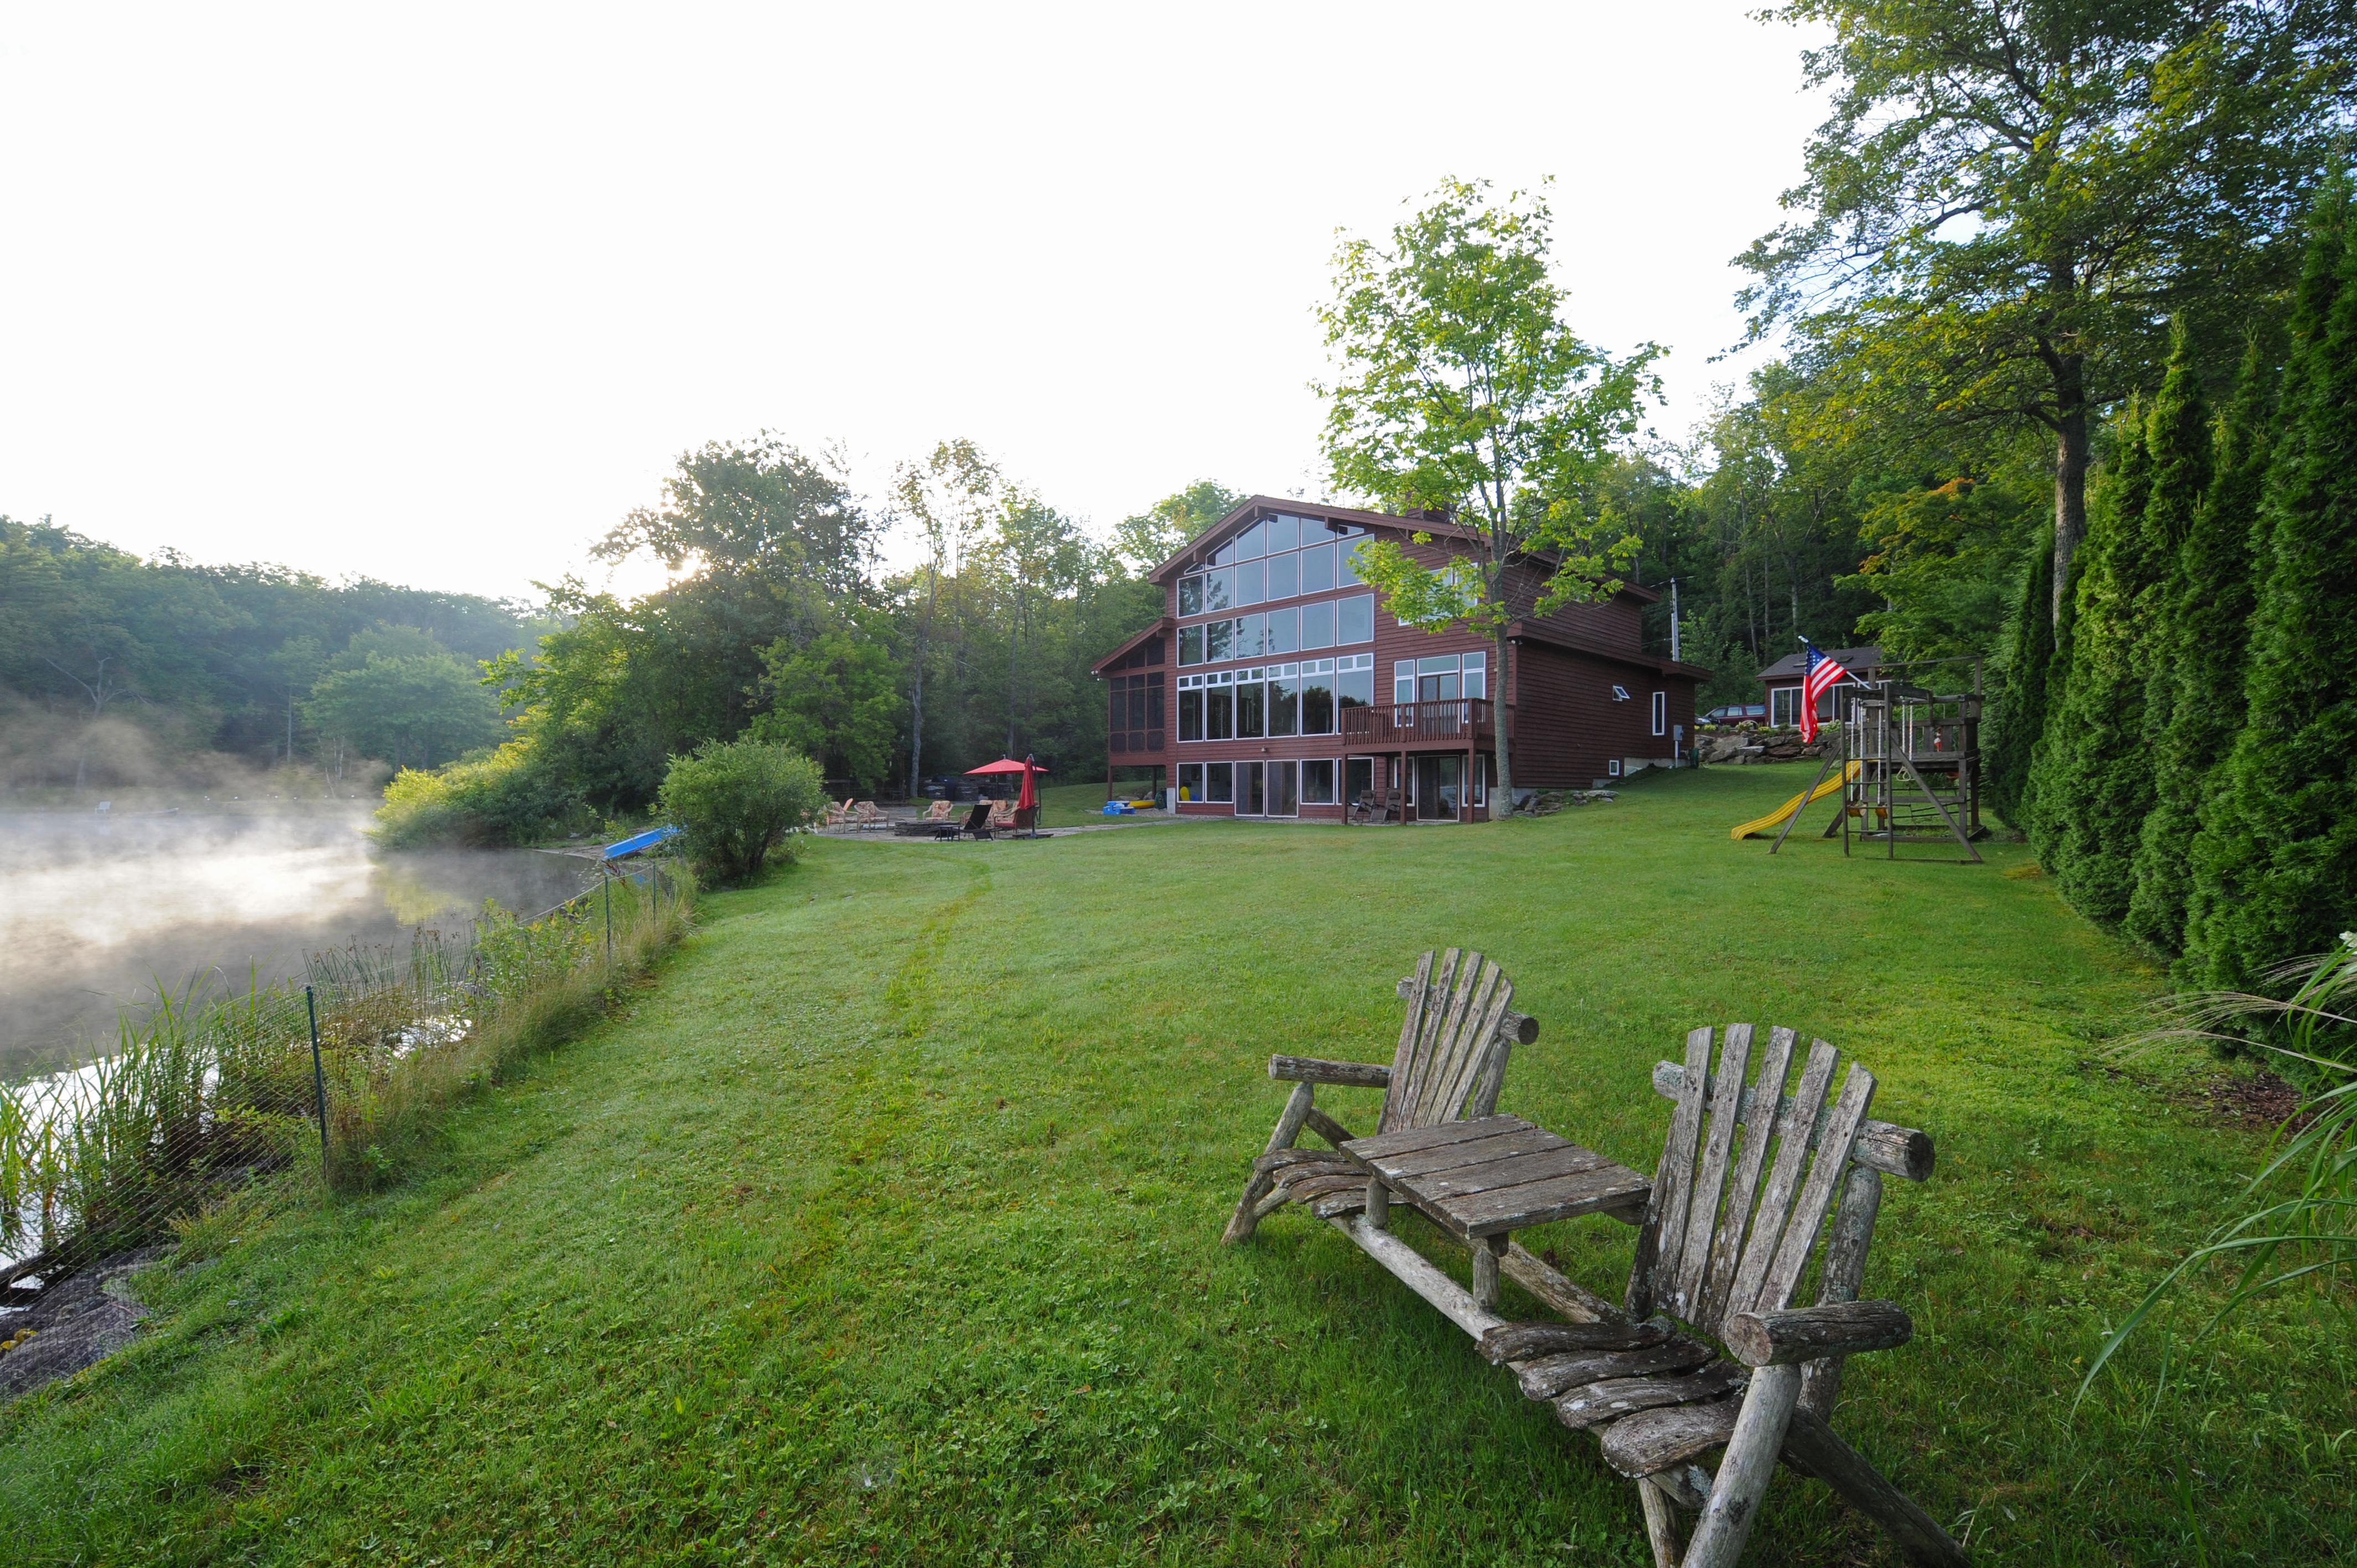 Maison unifamiliale pour l Vente à Waterfront Dream House on Goose Pond 7 Cooper Creek Rd Tyringham, Massachusetts 01264 États-Unis